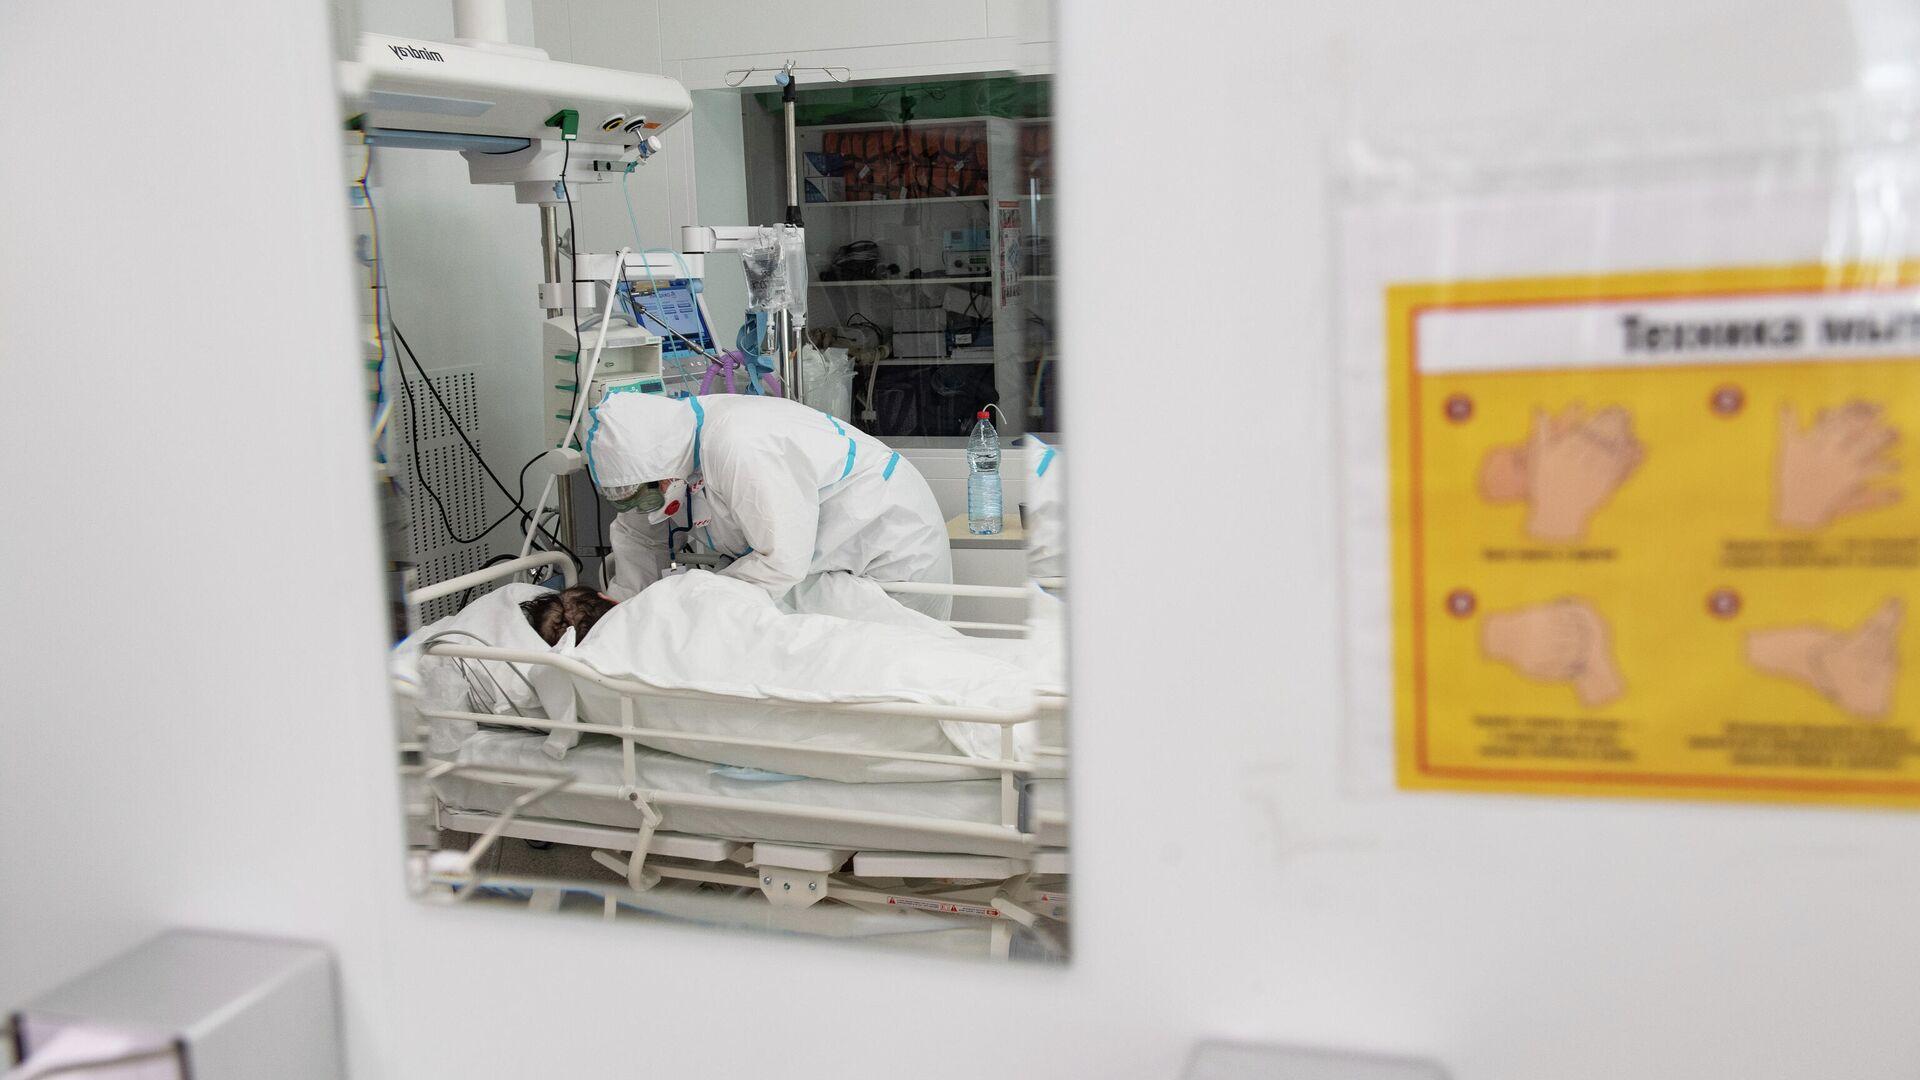 Врач оказывает помощь пациенту в отделении реанимации и интенсивной терапии городской клинической больницы №40 в Москве - РИА Новости, 1920, 06.03.2021